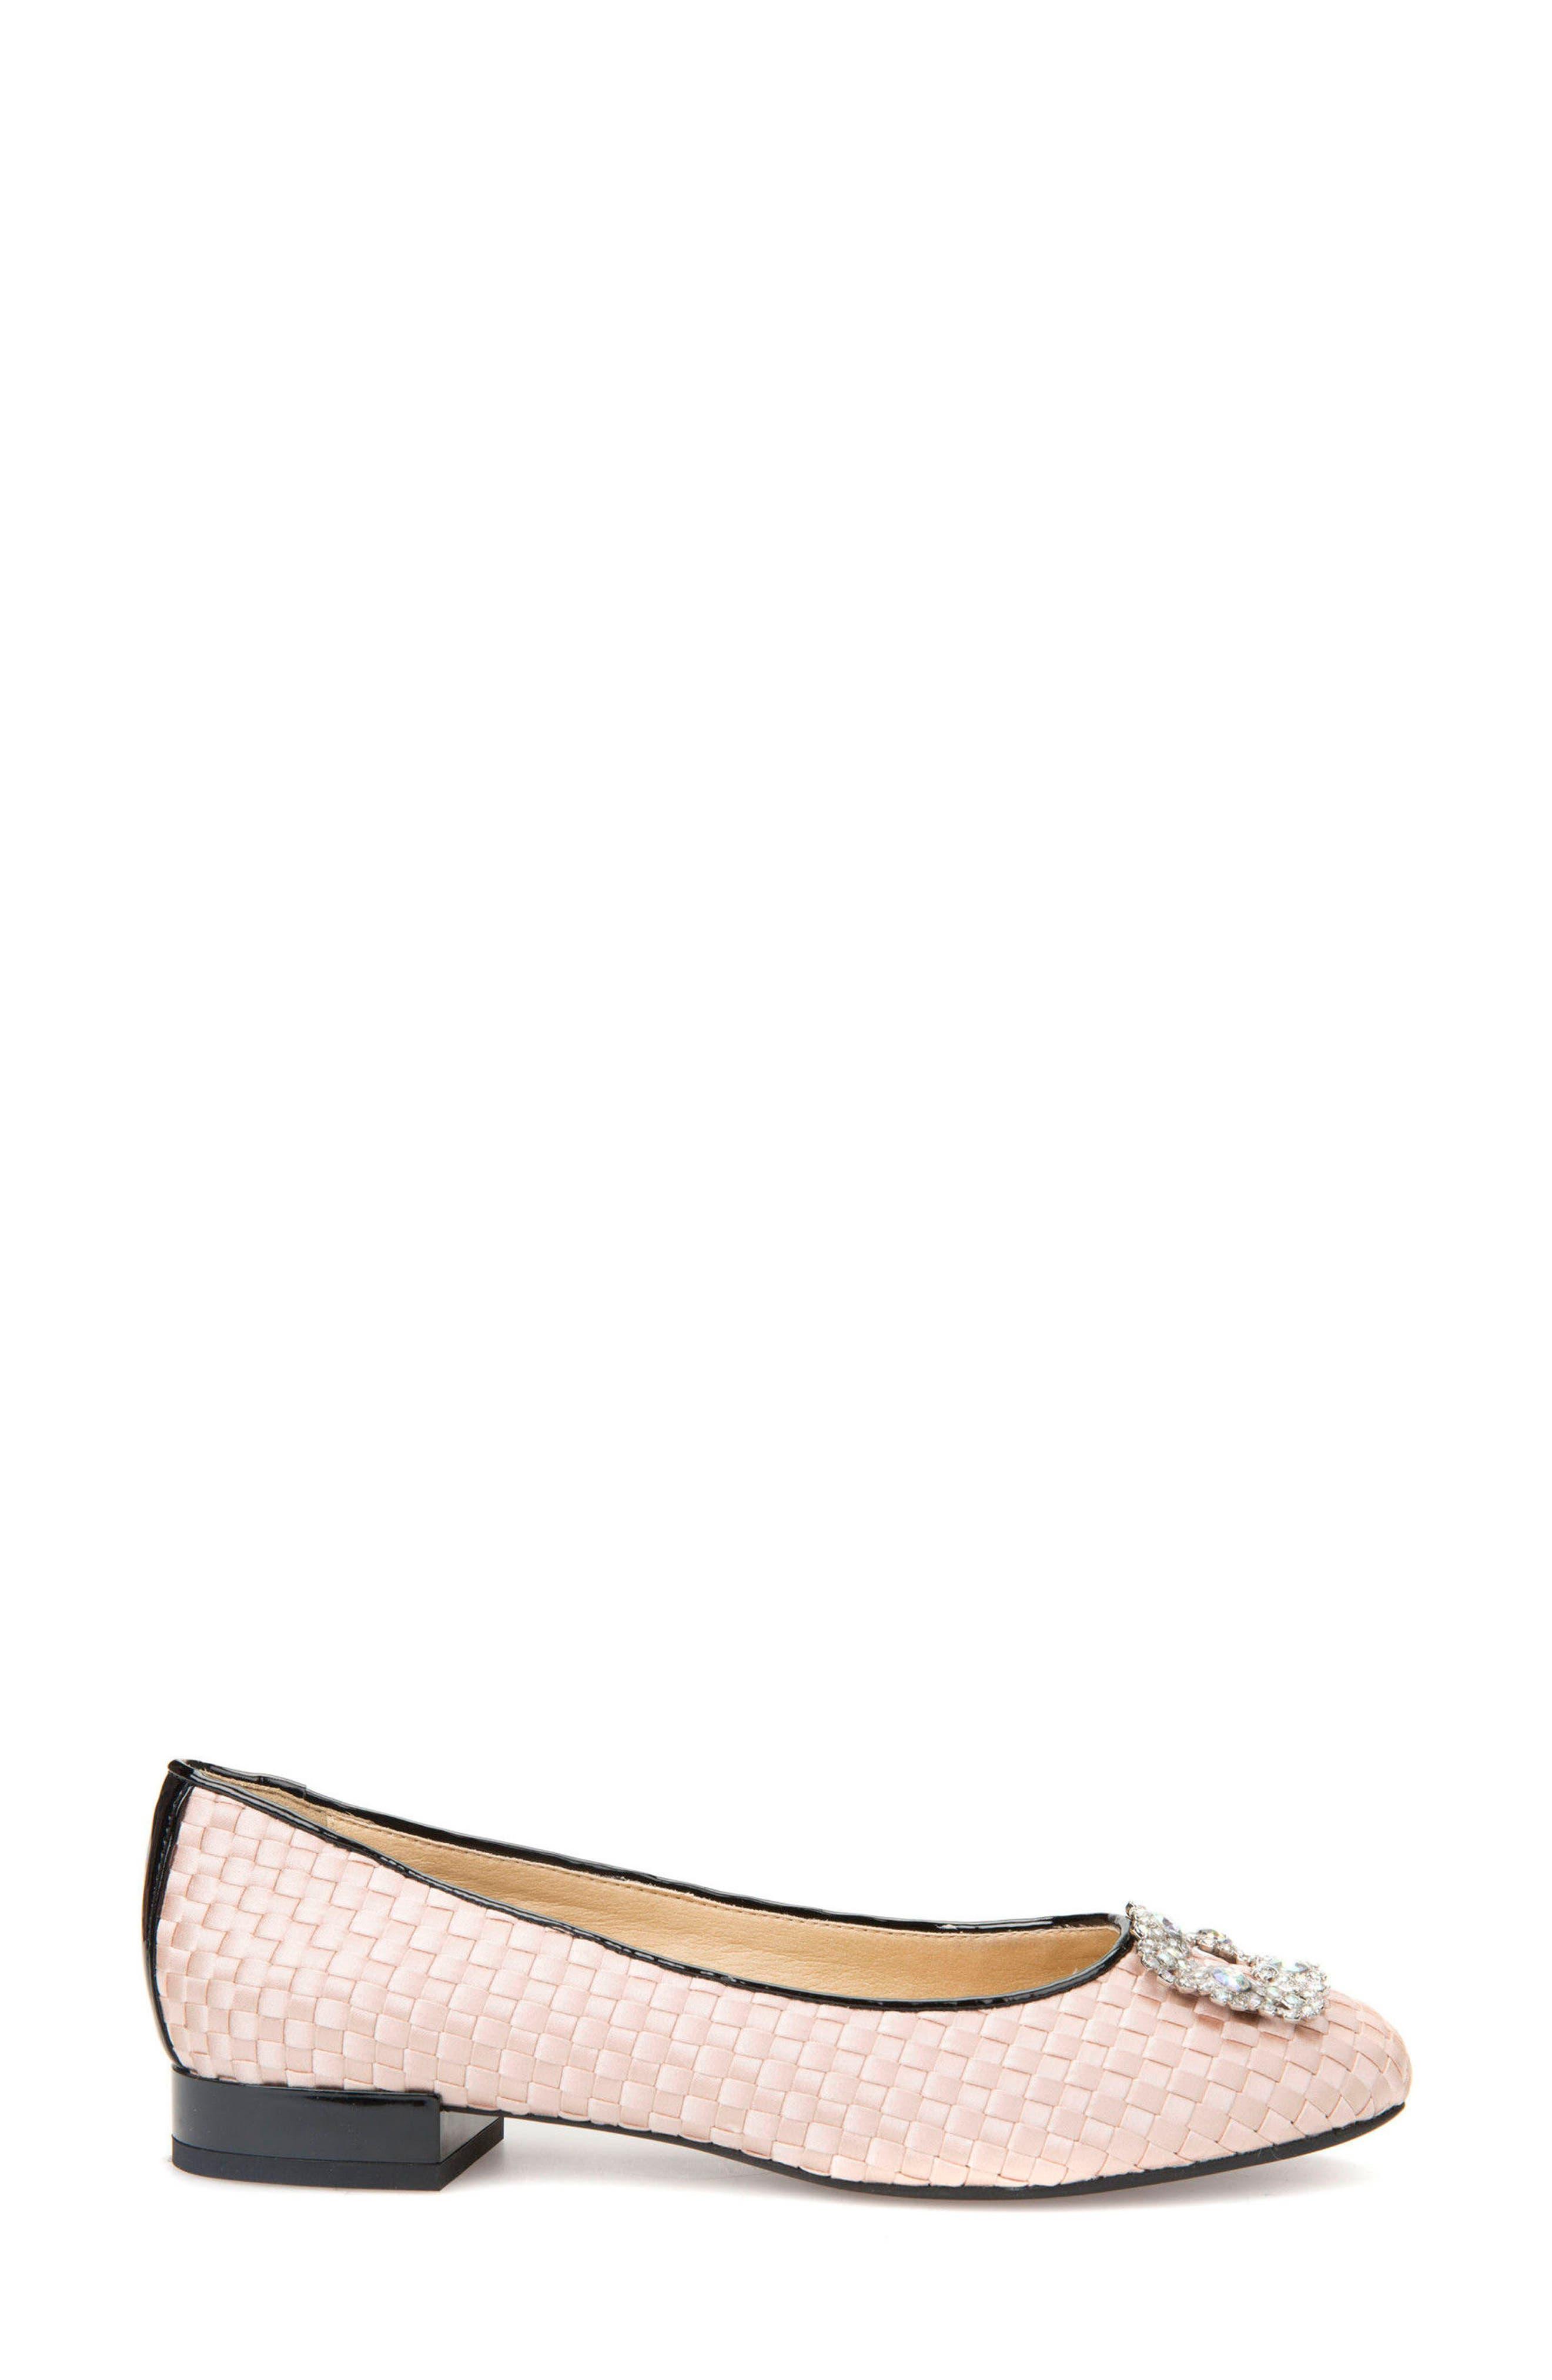 Alternate Image 3  - Geox Wistrey Woven Embellished Slip-On (Women)